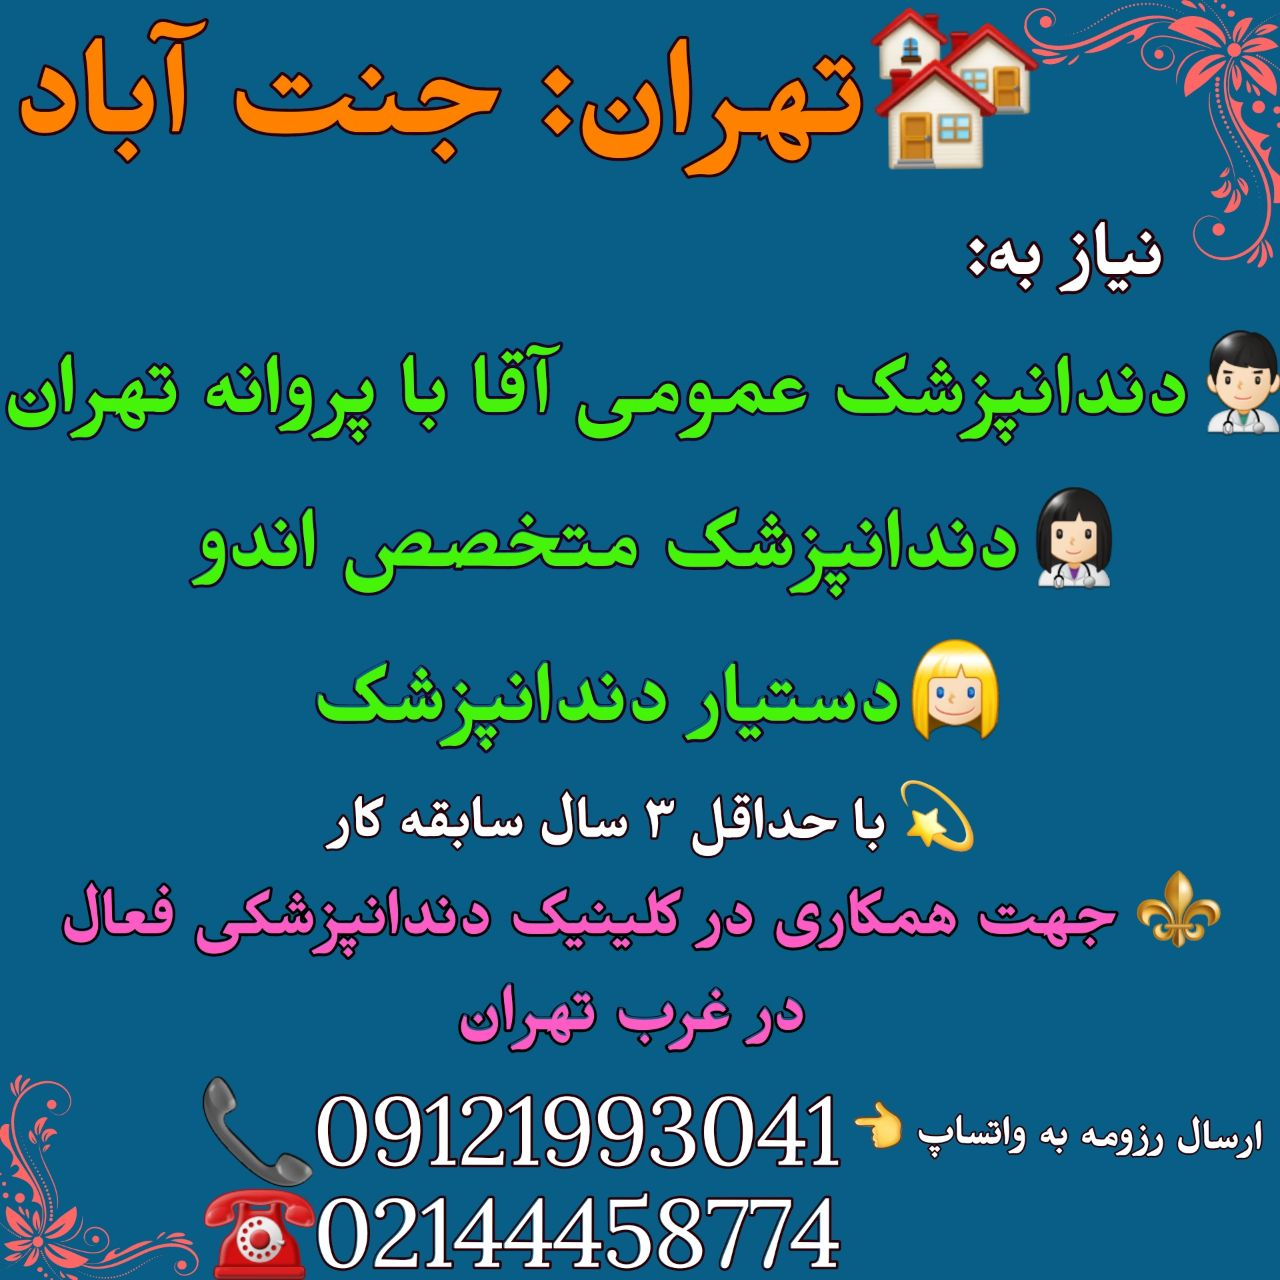 تهران: جنت آباد، نیاز به دندانپزشک عمومی آقا با پروانه تهران، دندانپزشک متخصص اندو، و دستیار دندانپزشک